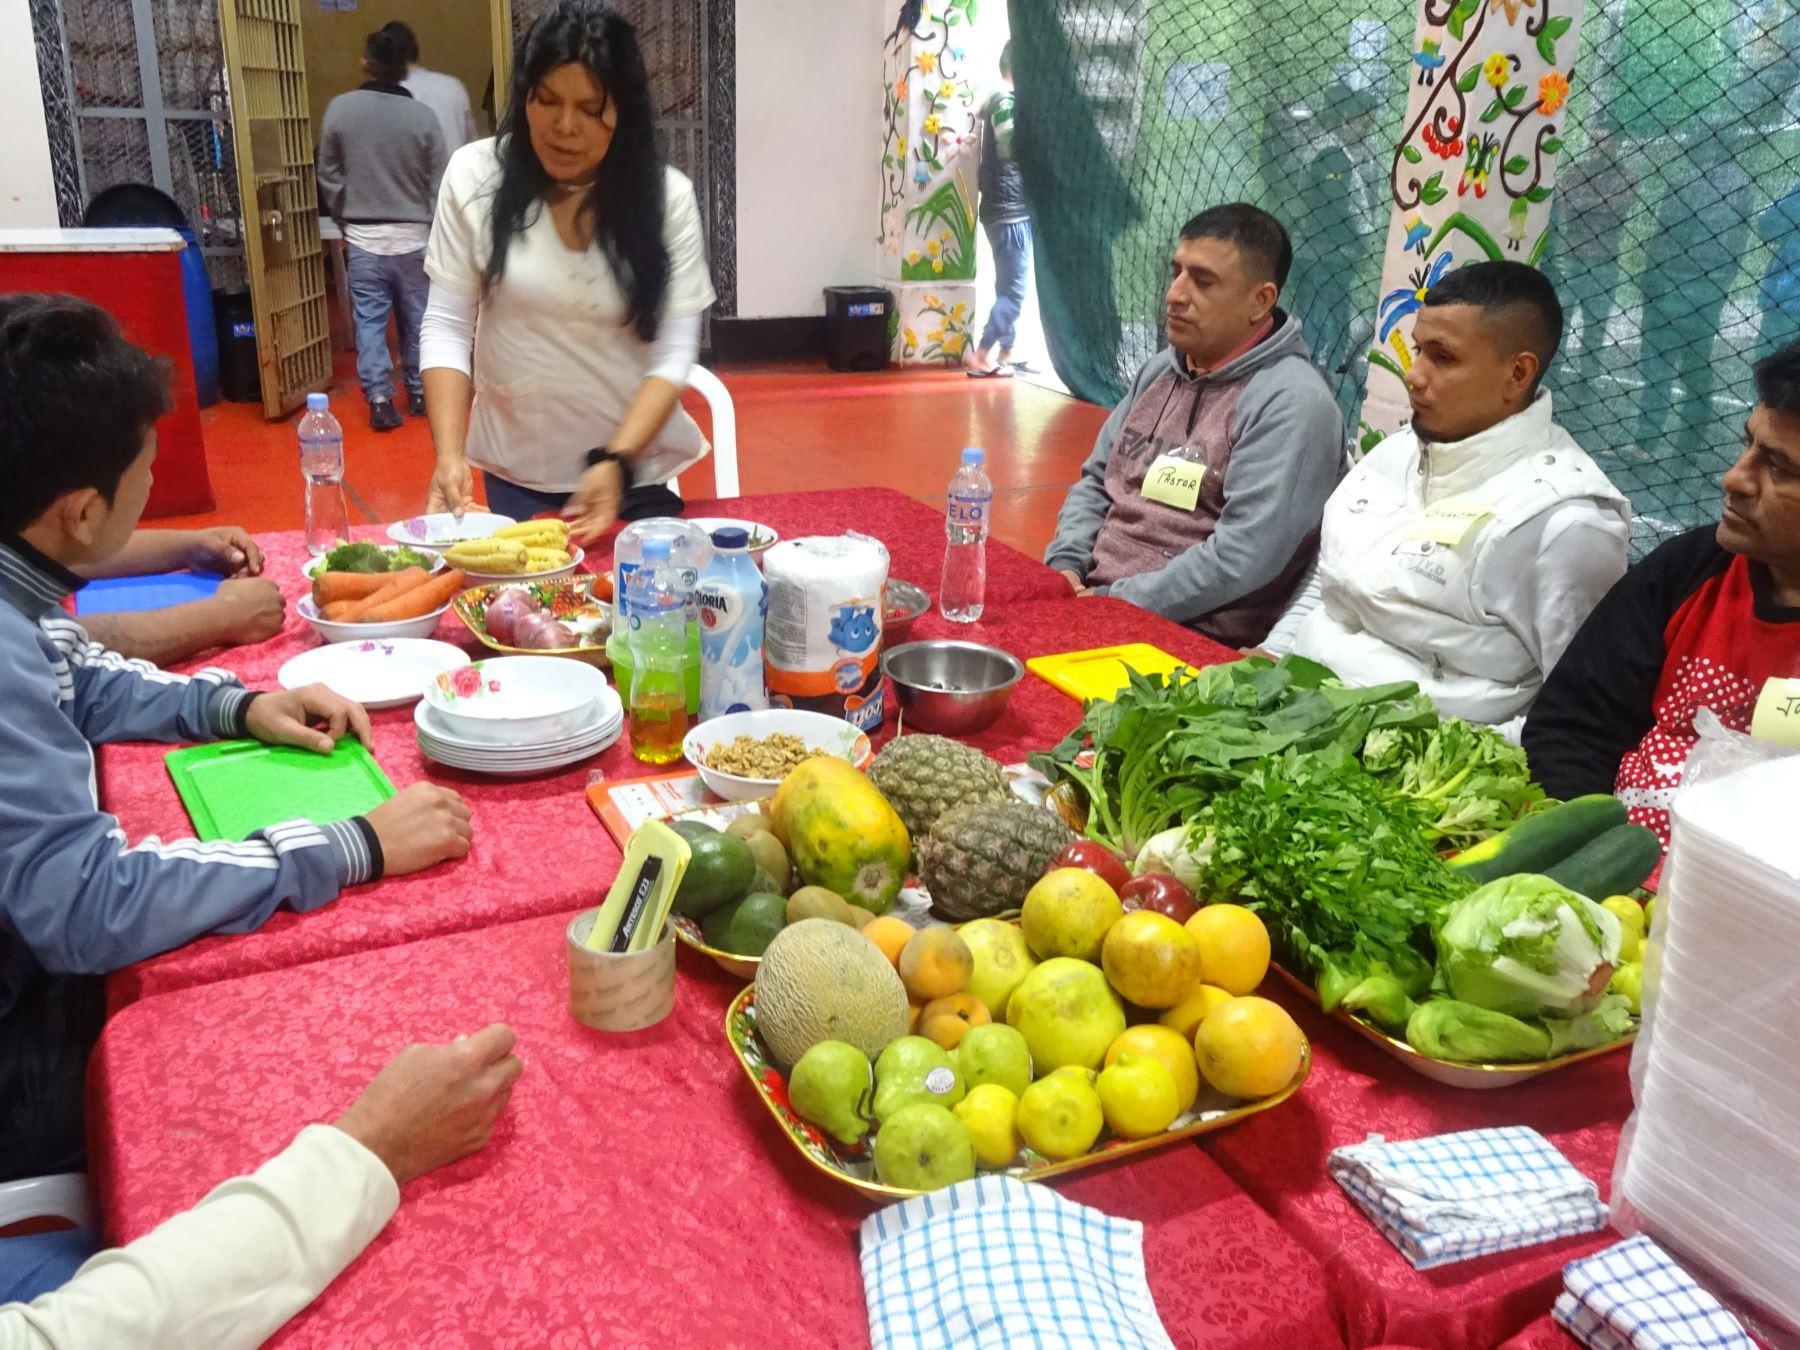 Una alimentación sana y balanceada proponen nutricionistas de San Marcos. Foto: ANDINA/Difusión